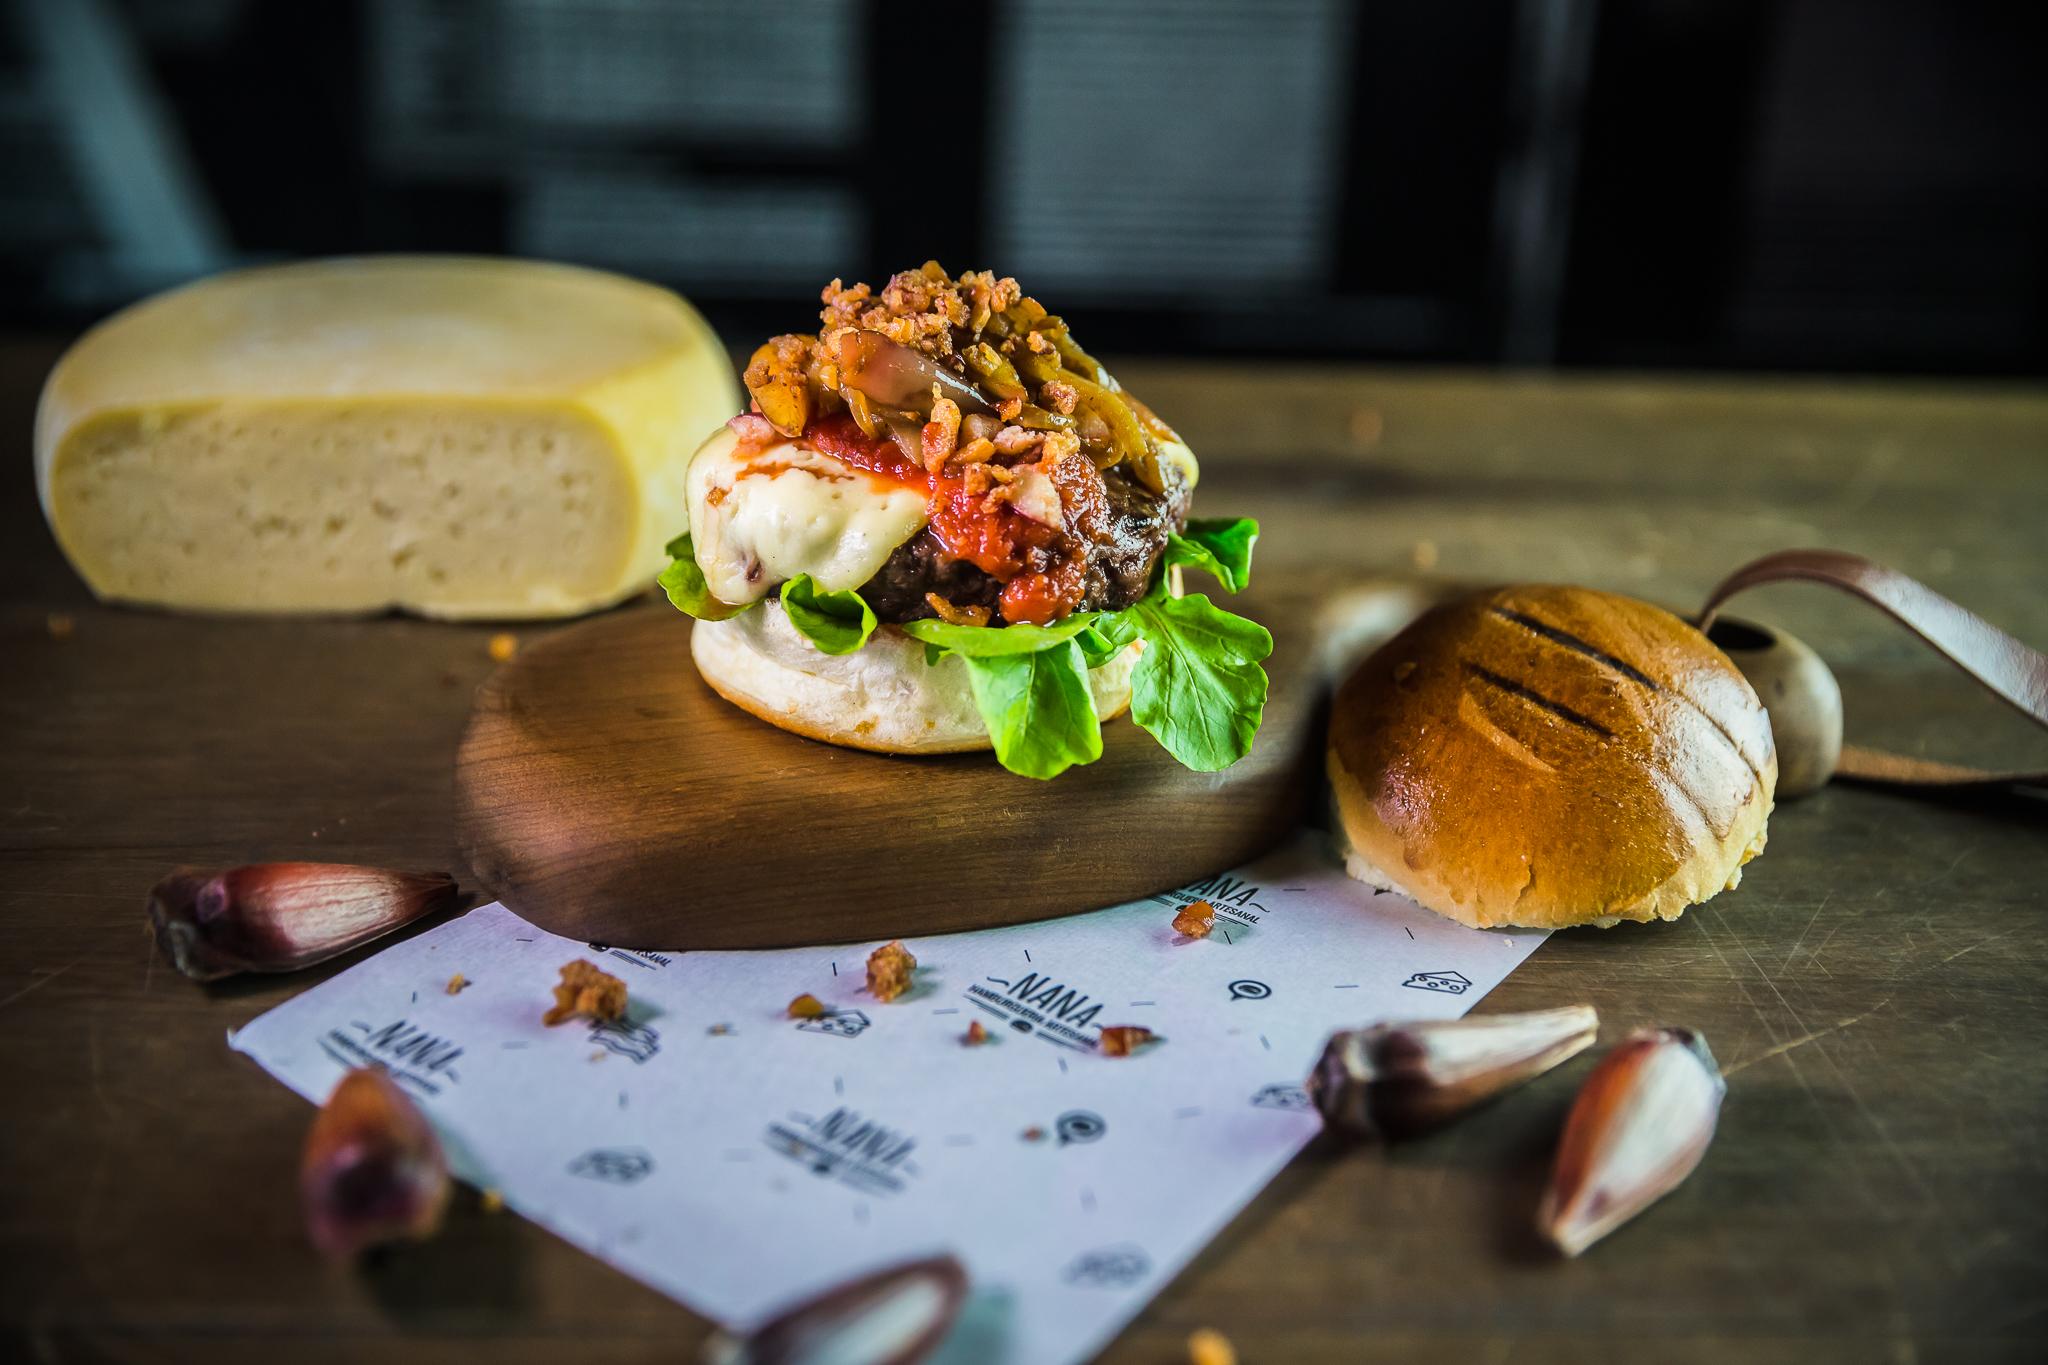 Pinhão no hambúrguer: ingrediente típico ganha novo formato nas mãos de chefs catarinenses